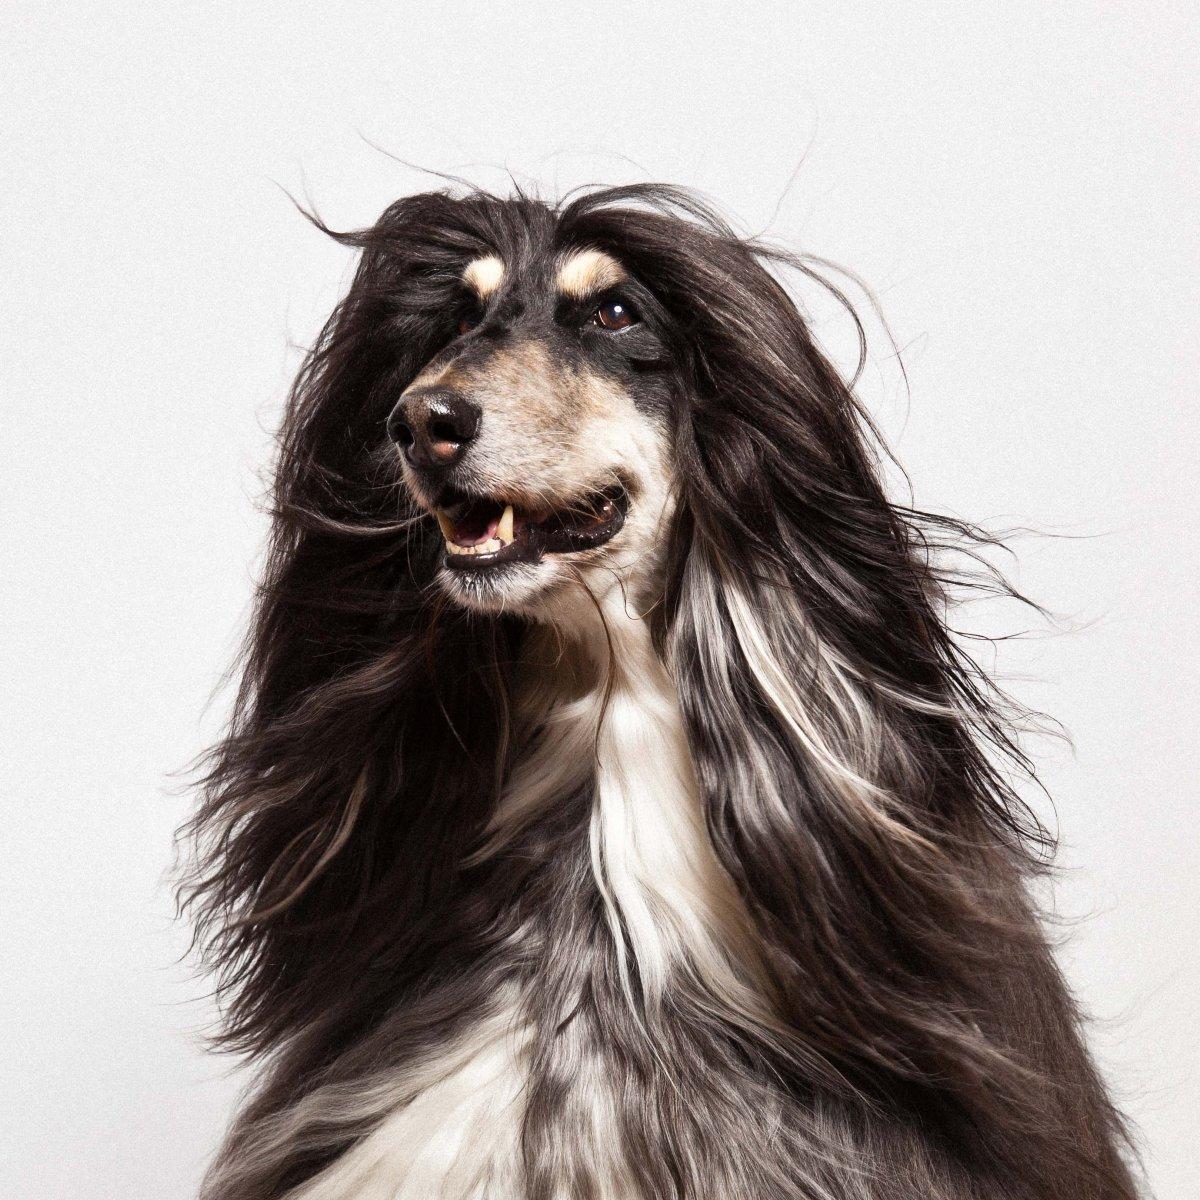 Concurso de moda canina mostra porque os cães mordem gente 02